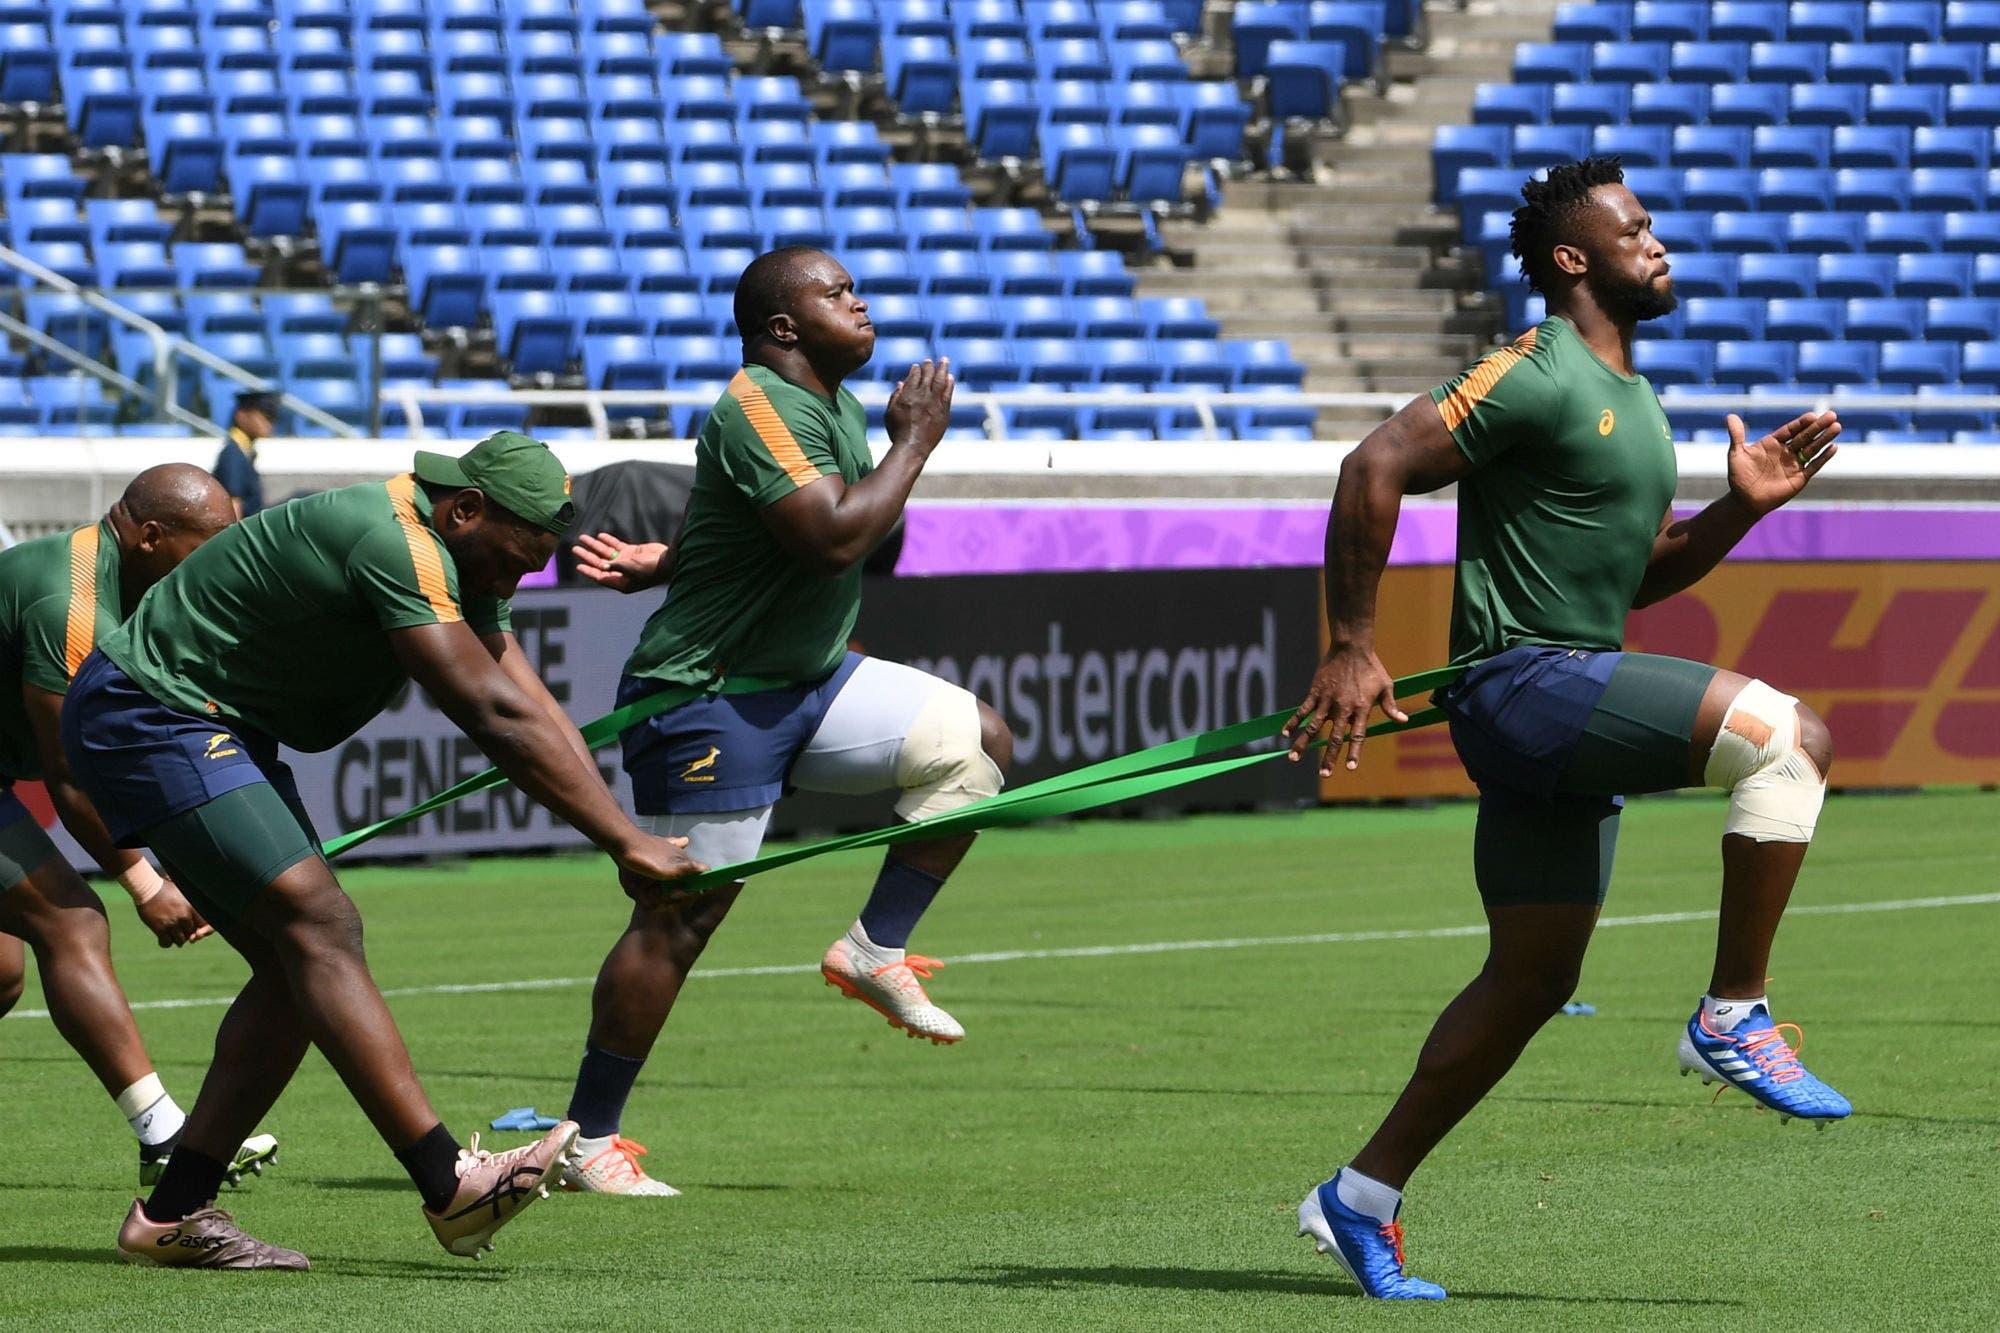 El Mundial de rugby: All Blacks vs. Springboks, un choque de titanes con aroma de final anticipada